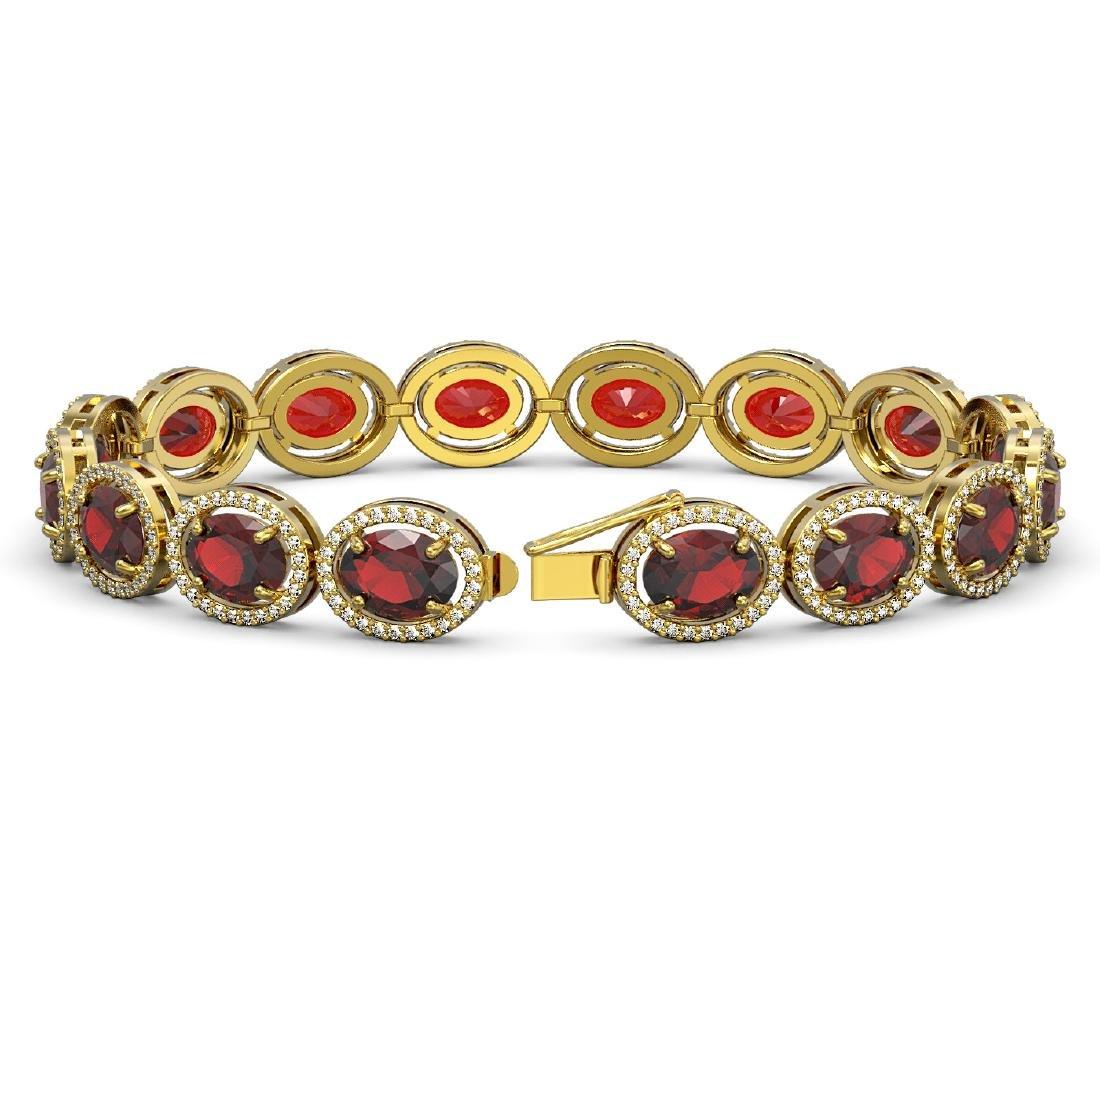 27.28 CTW Garnet & Diamond Halo Bracelet 10K Yellow - 2